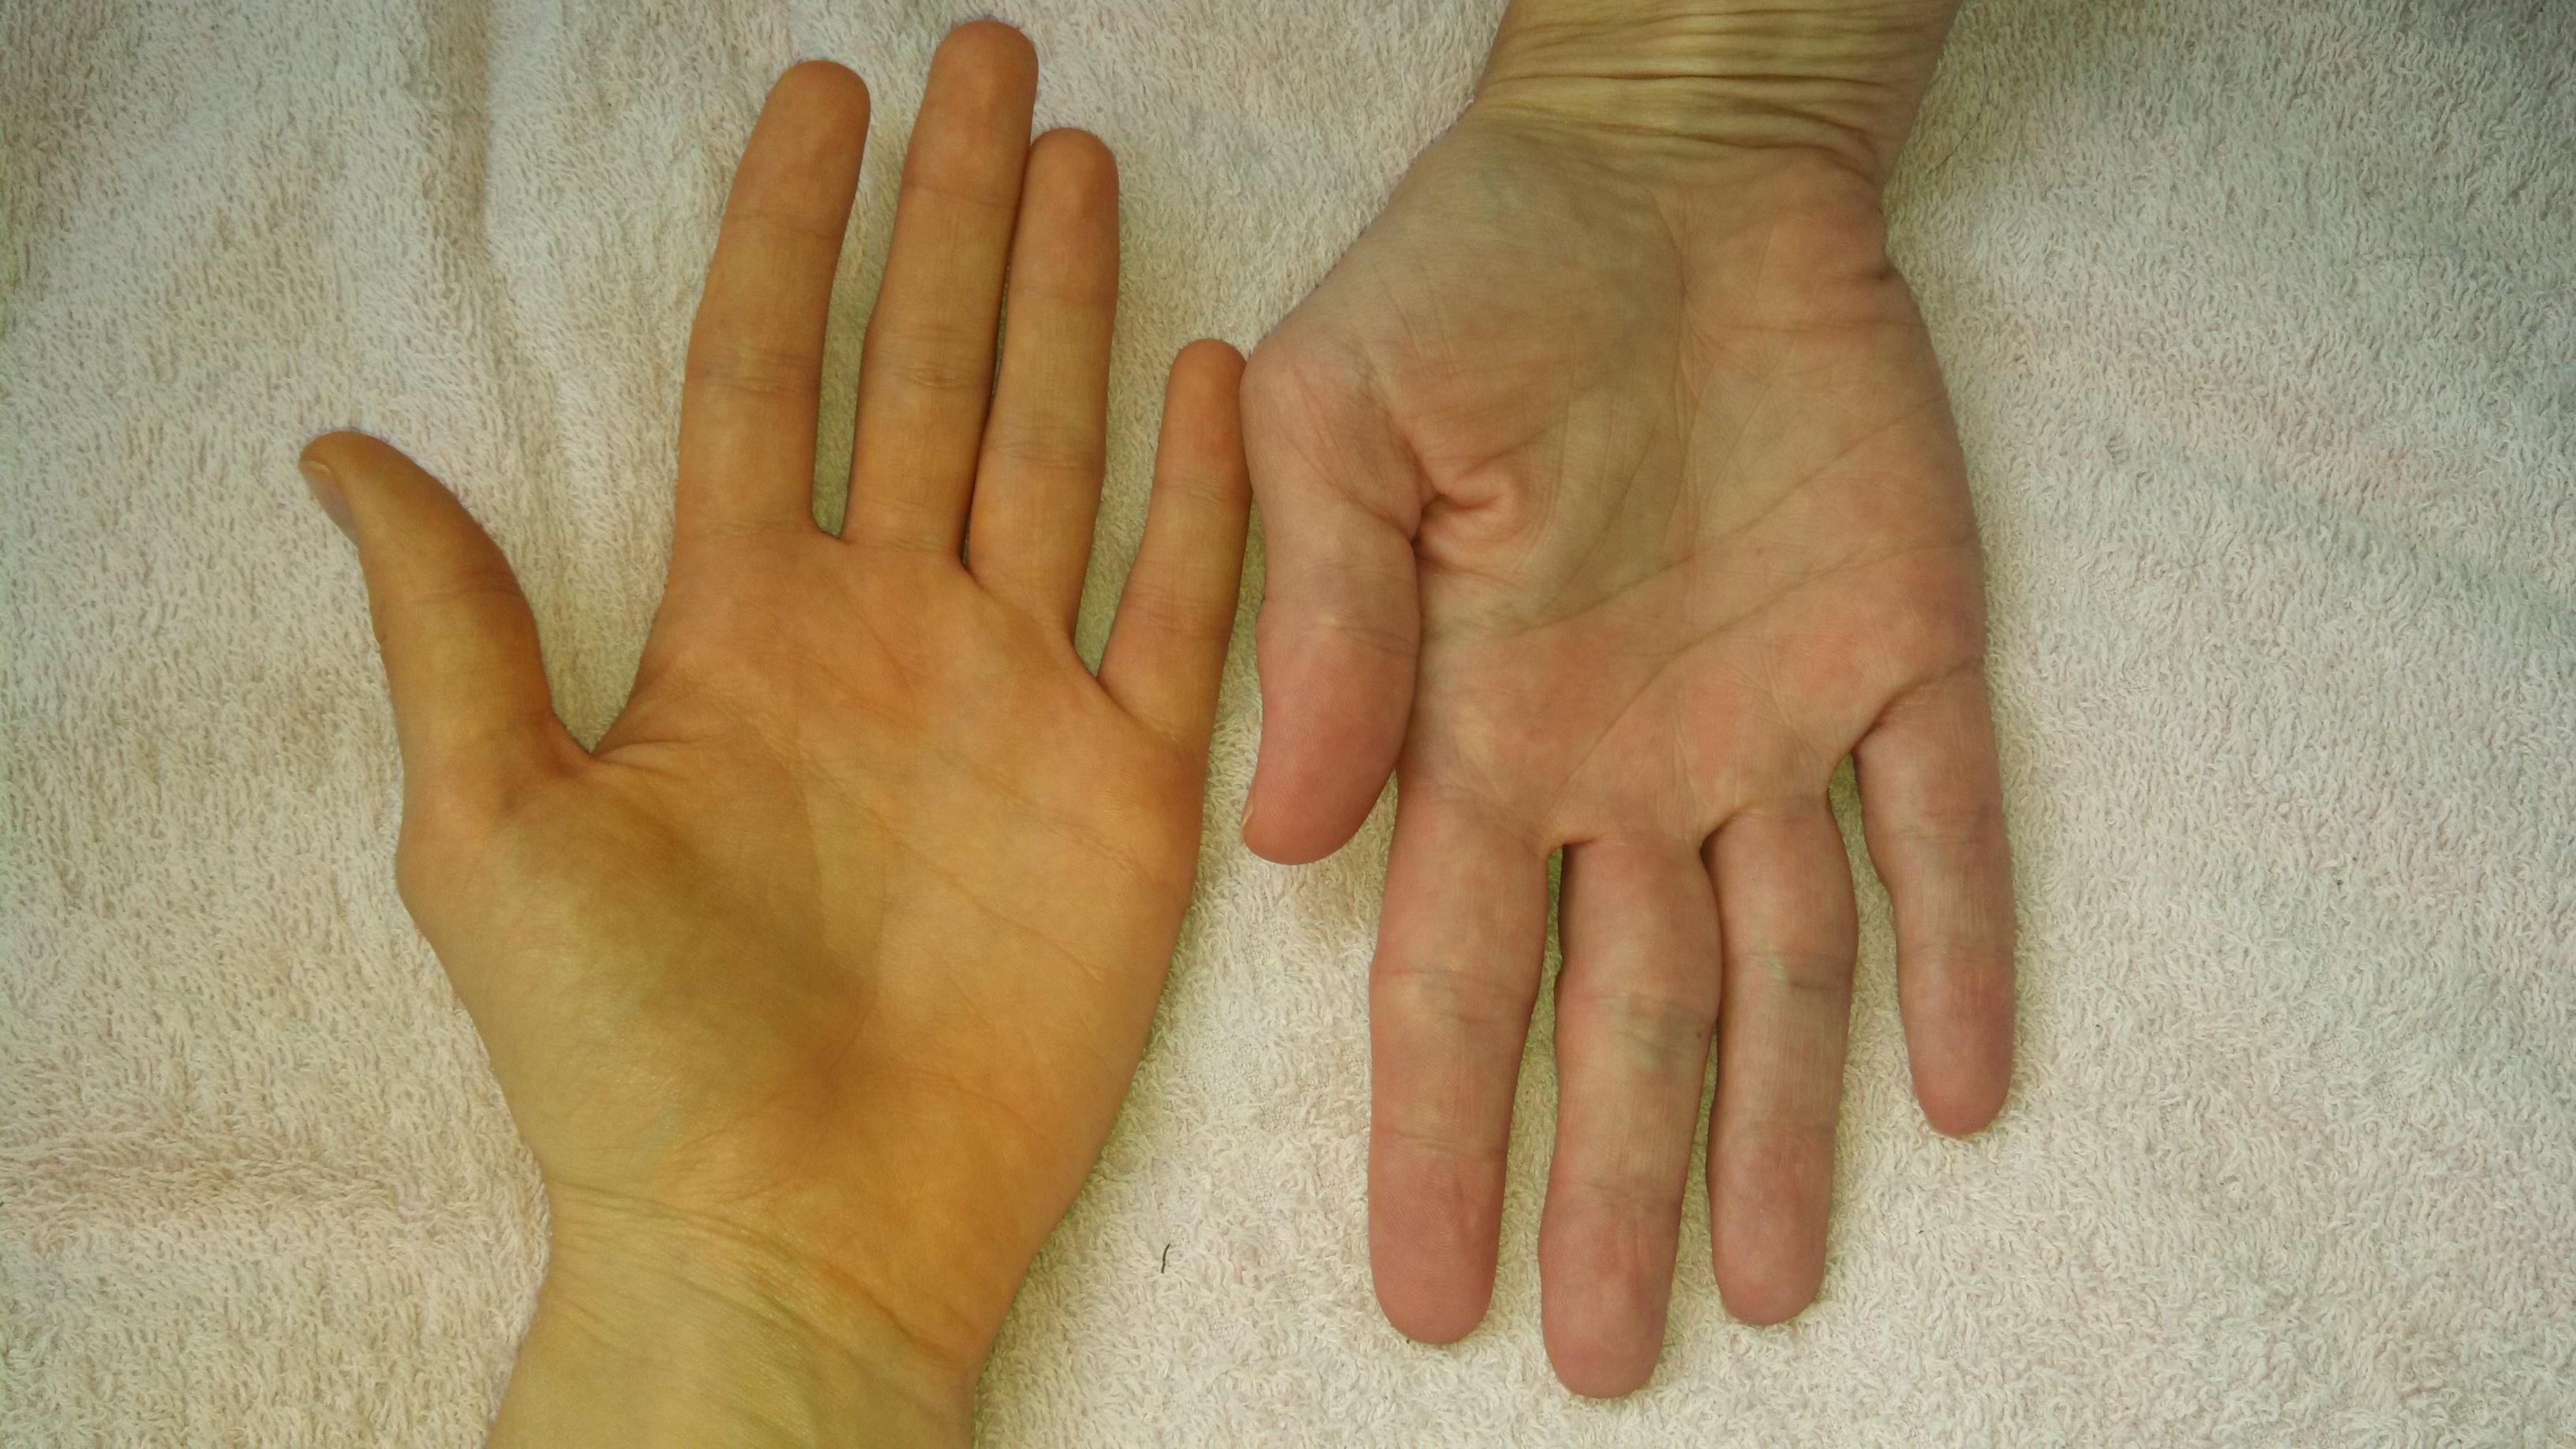 pikkelysömör kezelése a legjobb, ha alkalmazzuk viszkető vörös foltok a lábujjak között